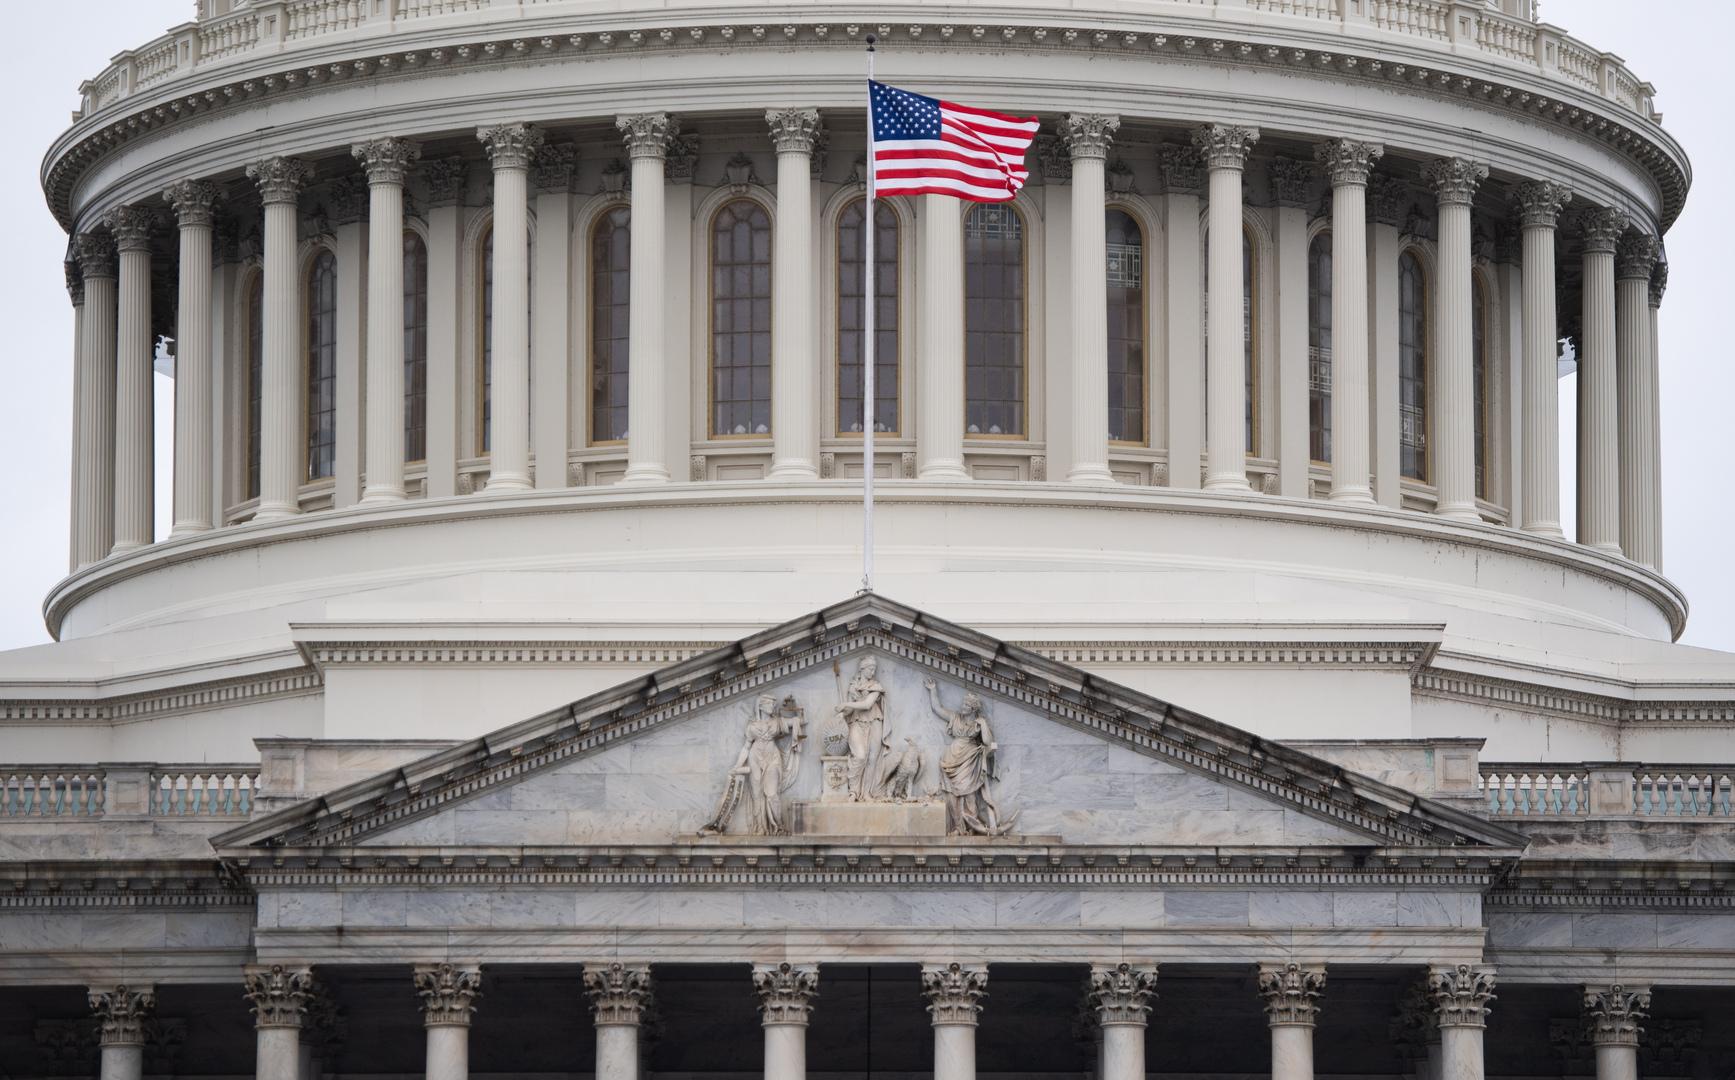 مجلس الشيوخ الأمريكي يدعم مناقشة قانون لمنافسة الصين تكنولوجيا